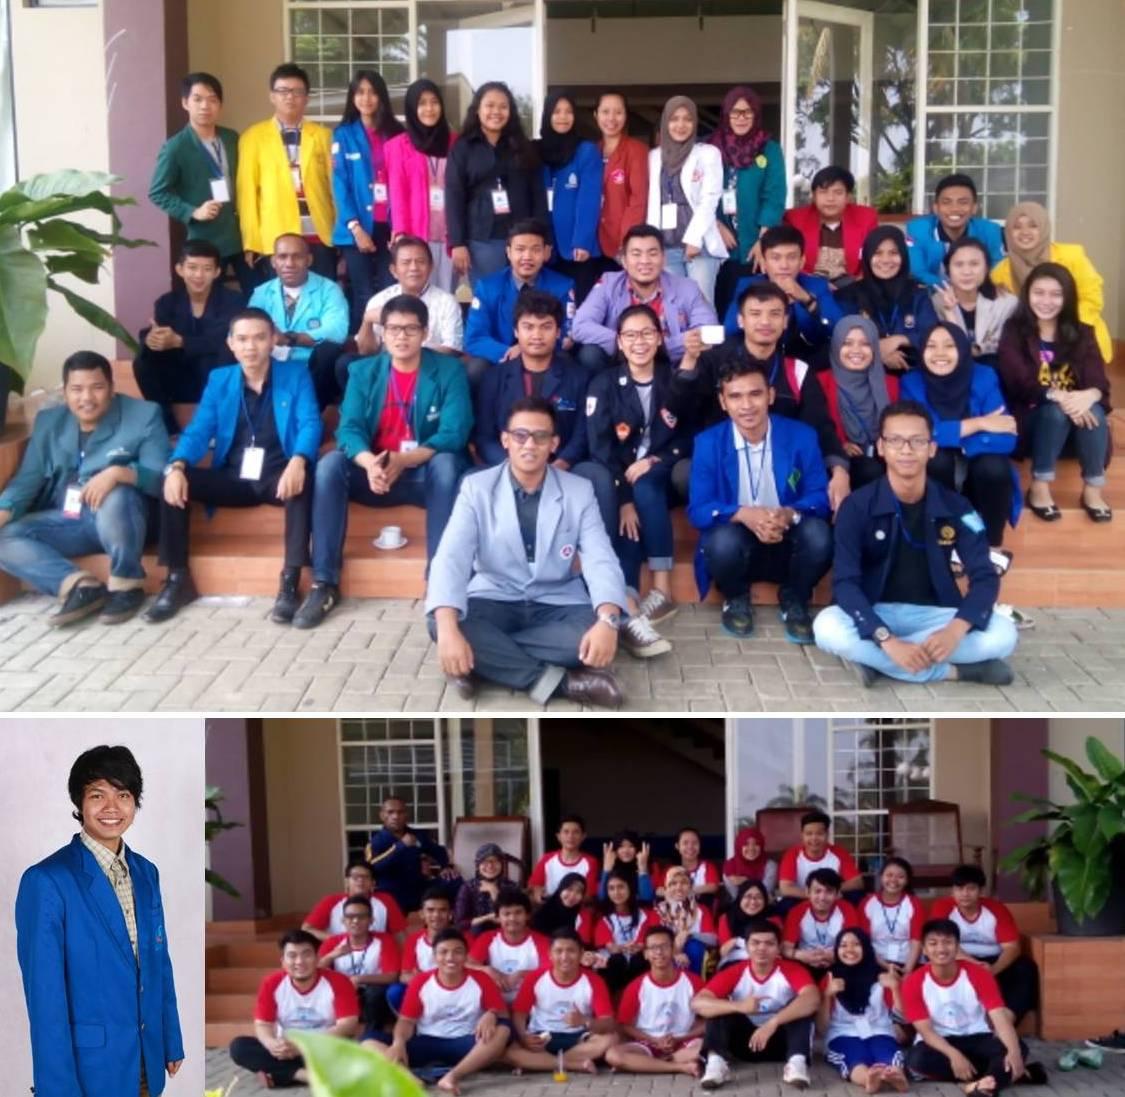 """Mahasiswa Universitas Esa Unggul Berpartisipasi dalam Kegiatan  """"Latihan Pengembangan Kepemimpinan"""" dari Kopertis III"""